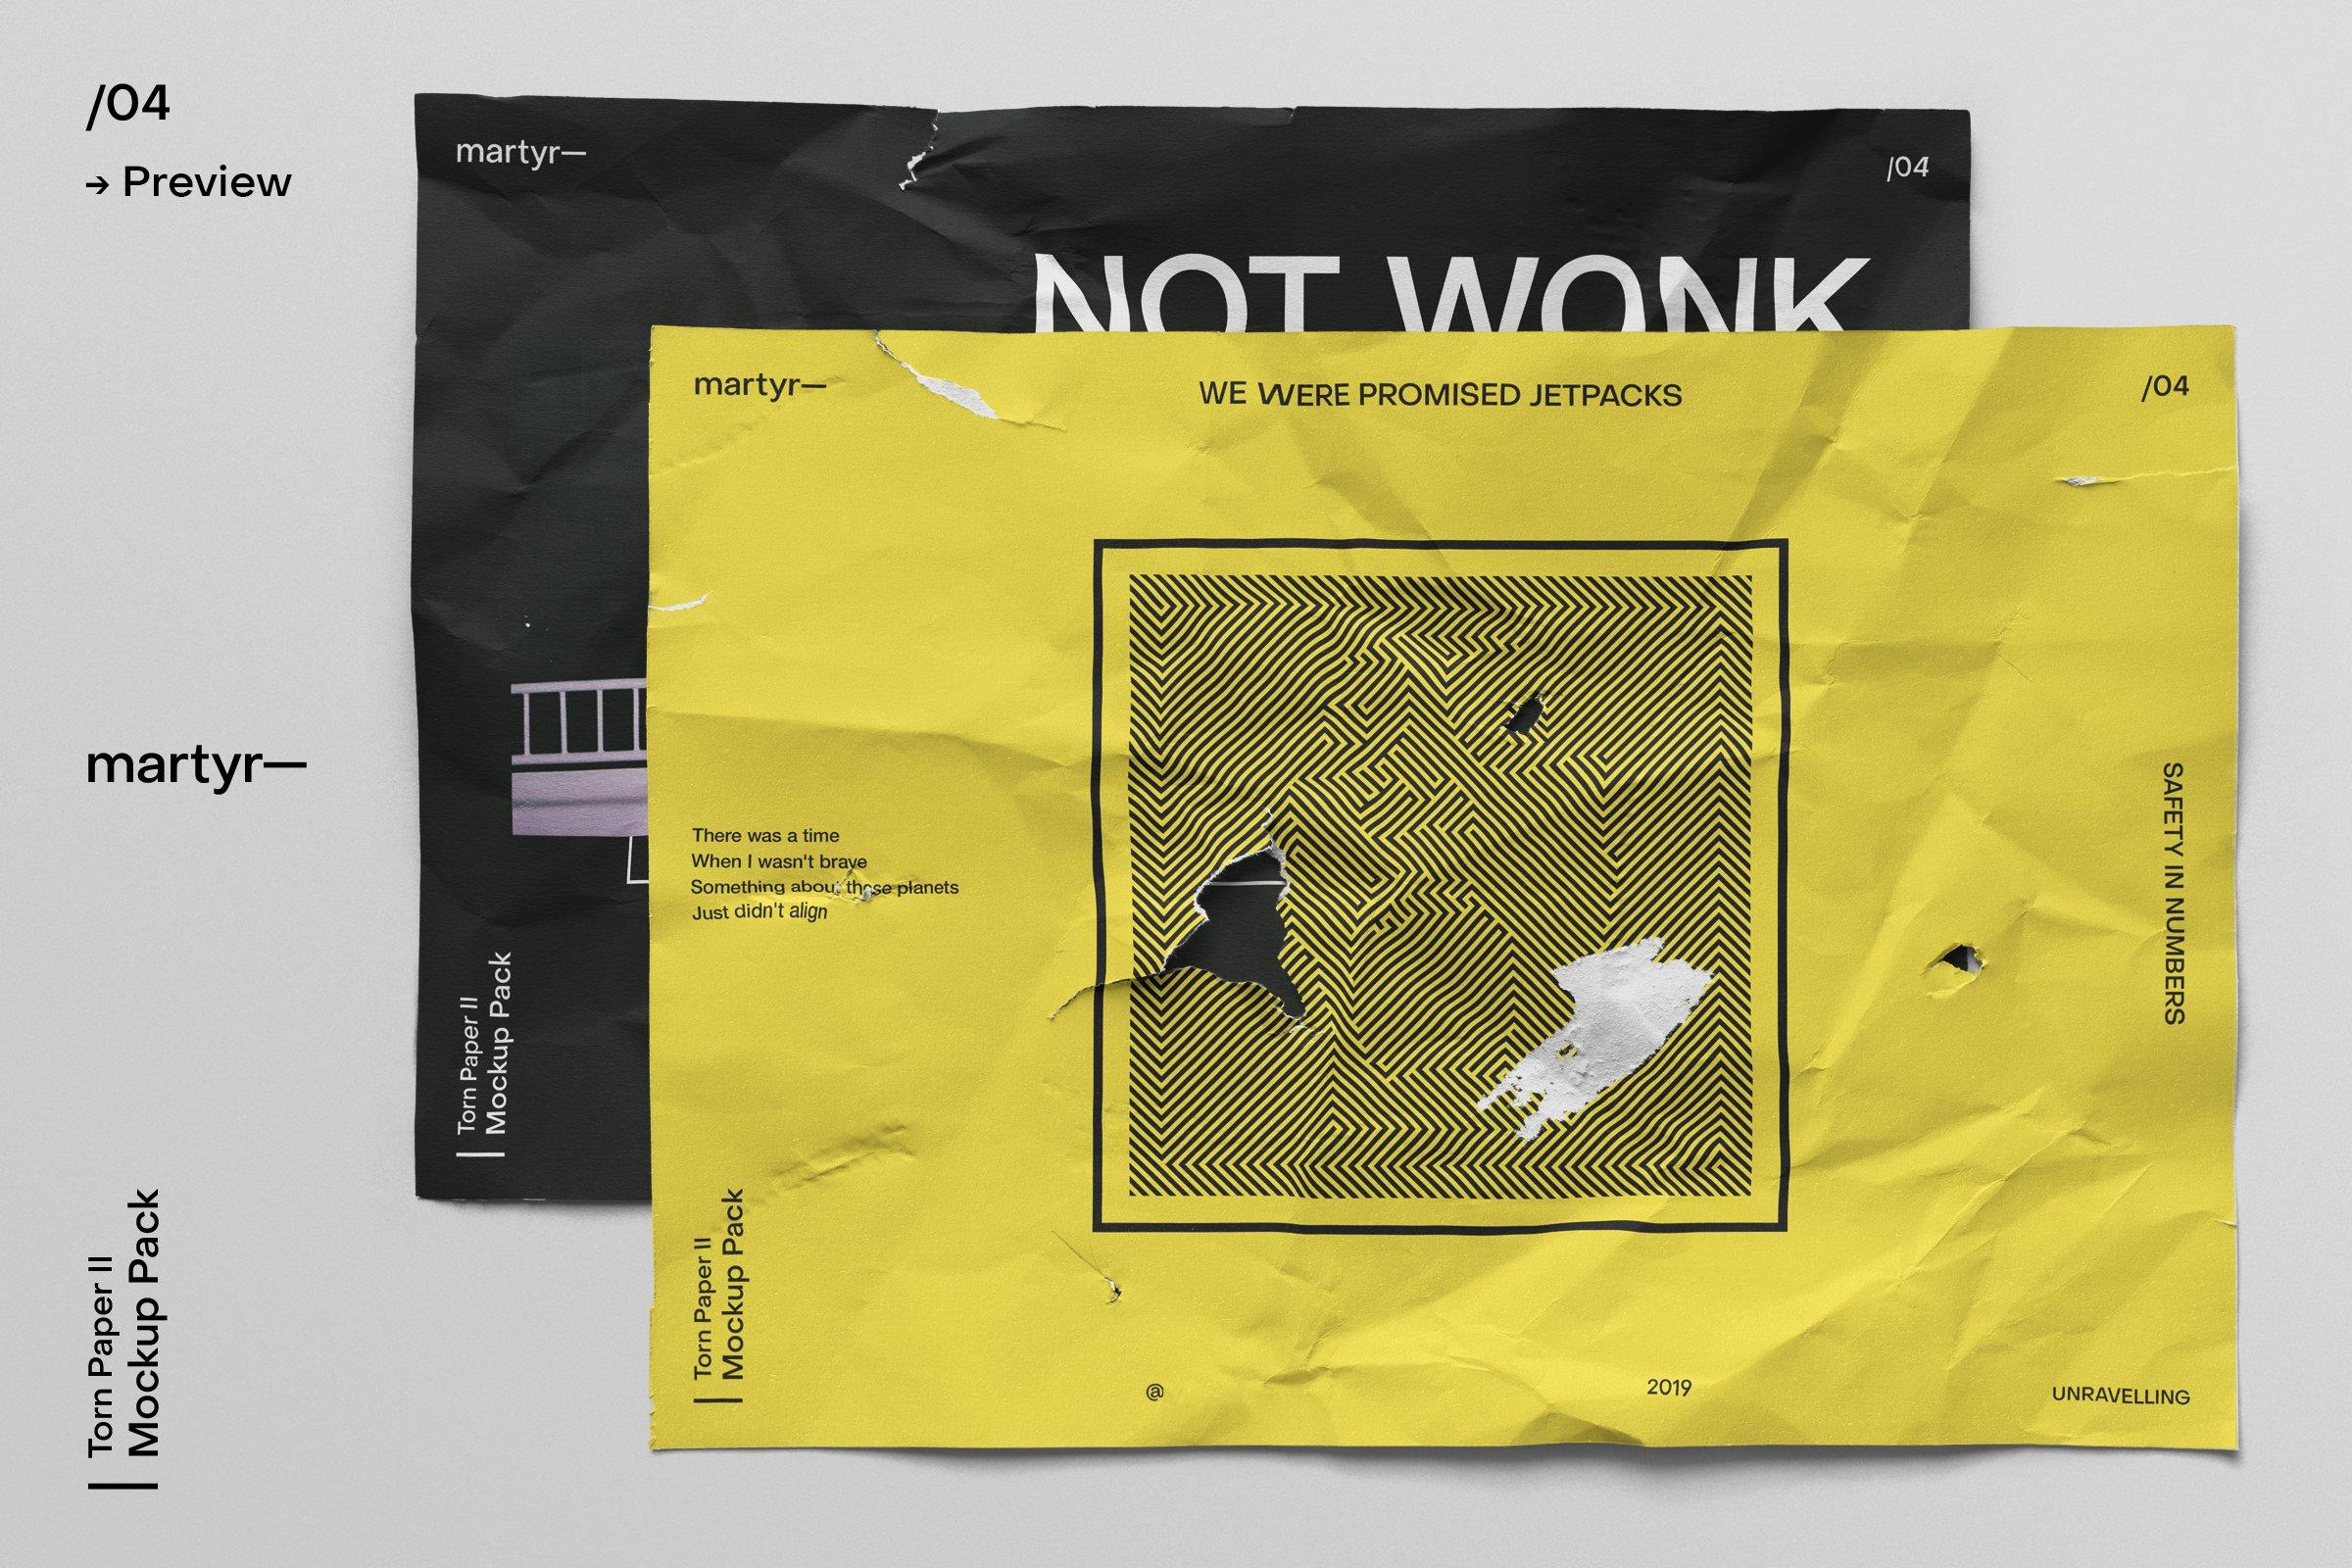 [淘宝购买]32款潮流破损撕裂褶皱A4纸张海报传单设计样机模板 Torn Paper II — Mockup Pack插图(10)